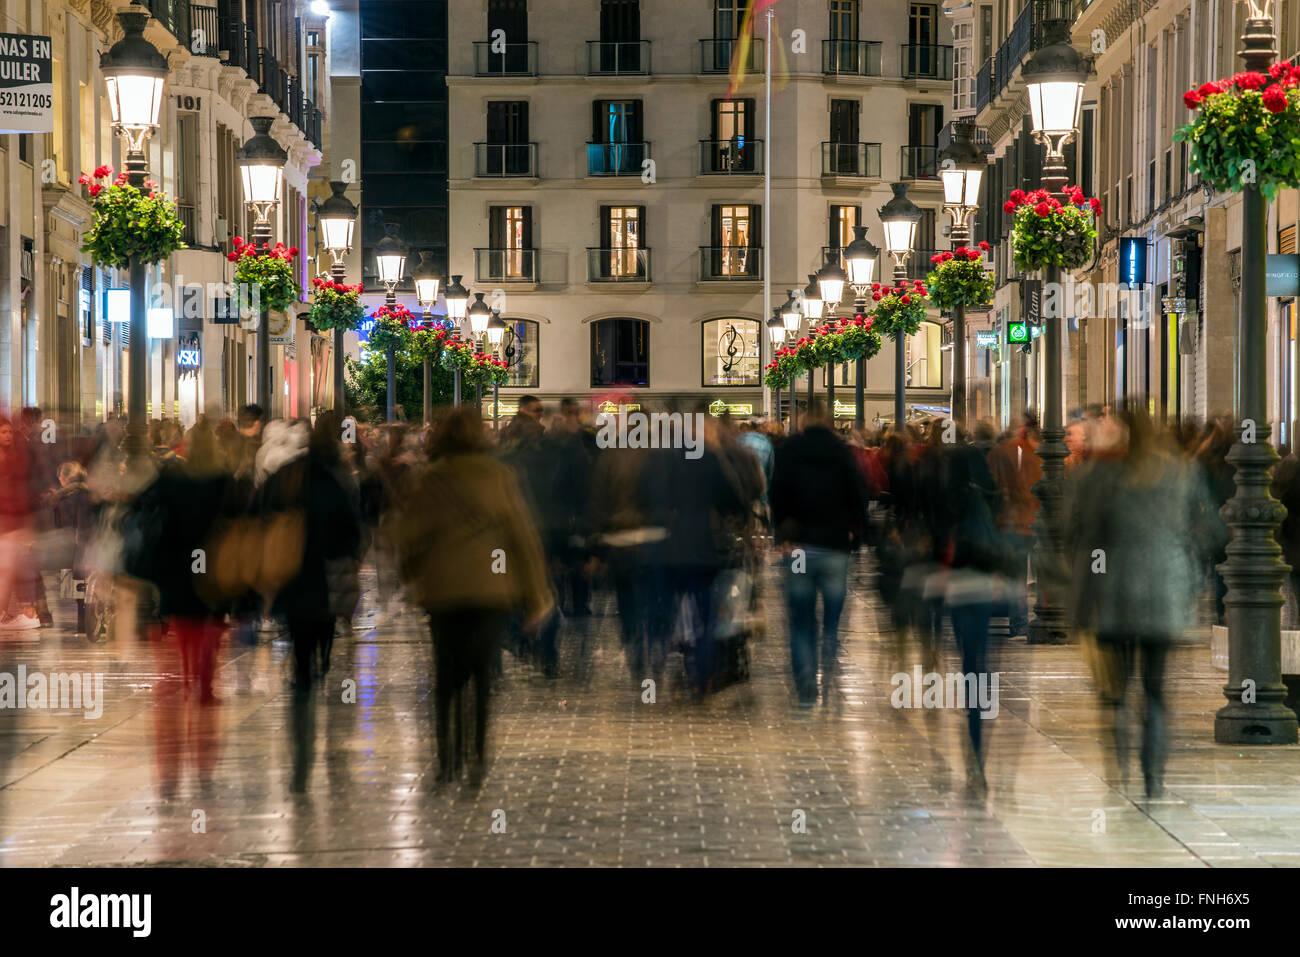 Nachtansicht der Fußgängerzone Calle Marques de Larios, Malaga, Andalusien, Spanien Stockfoto